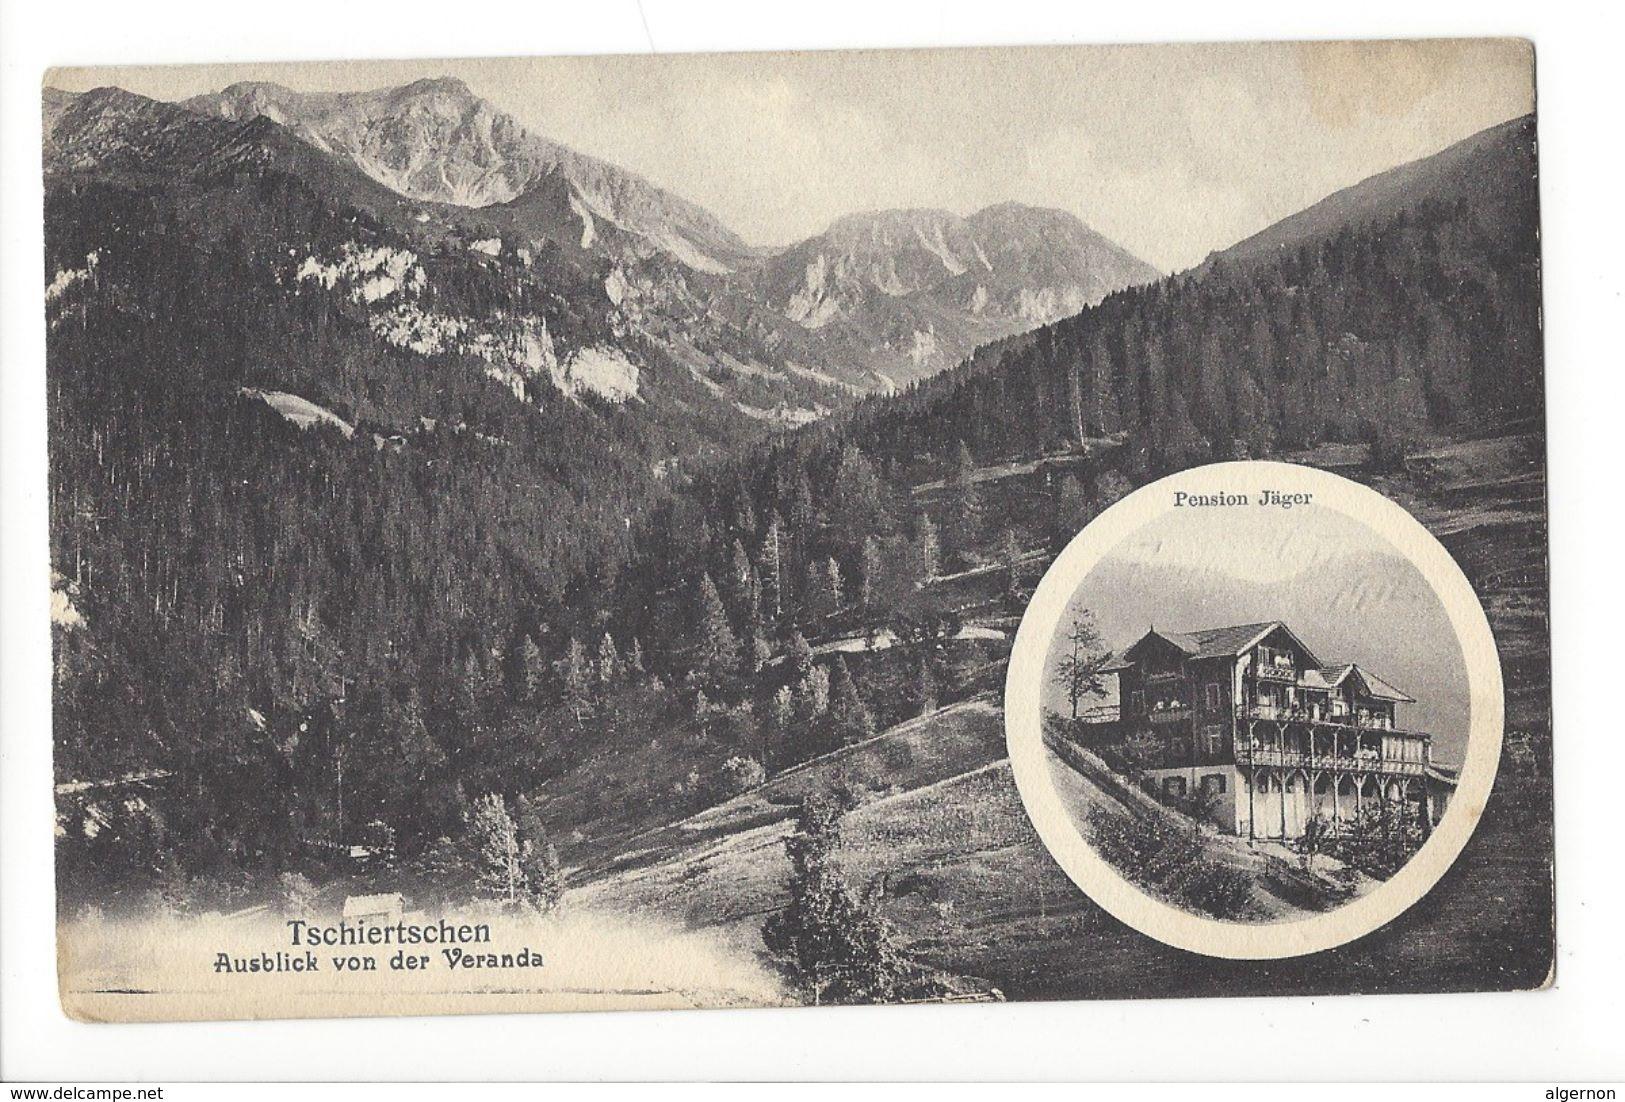 17608 - Tschiertschen Ausblick Von Der Veranda Pension Jäger - GR Grisons